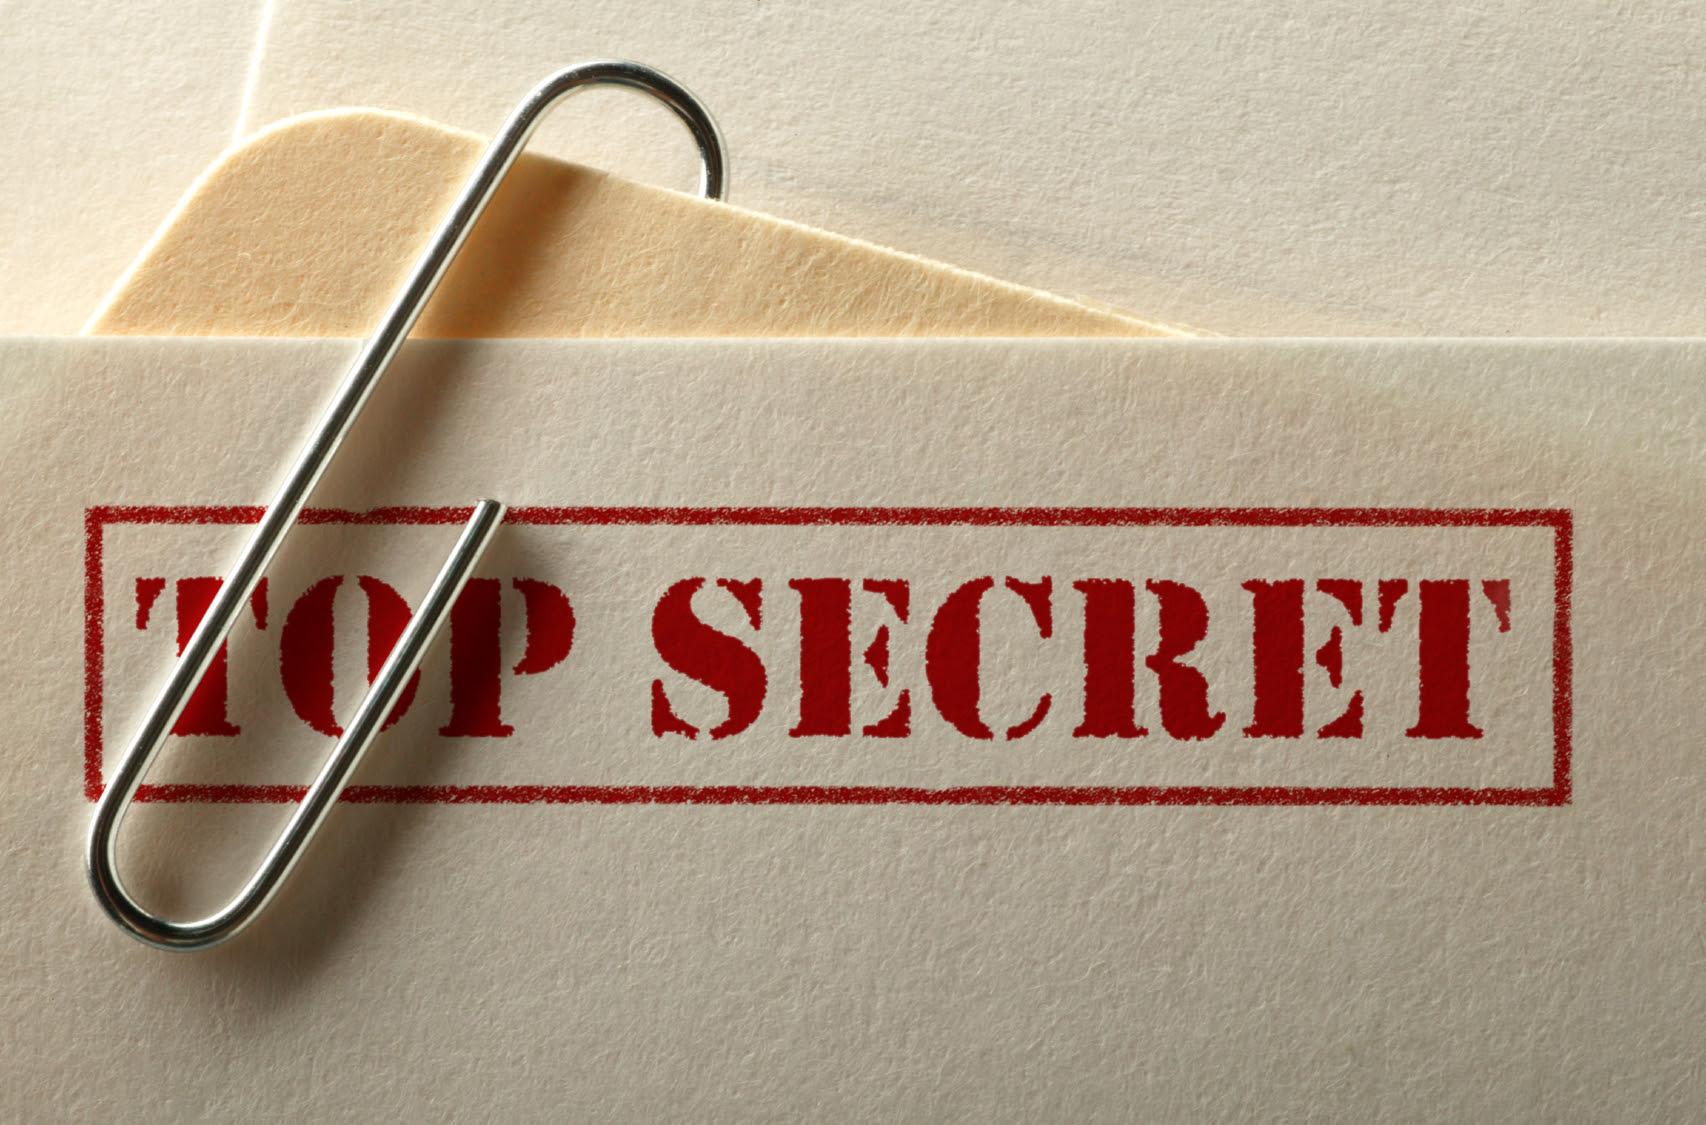 Image result for top secrets revealed images